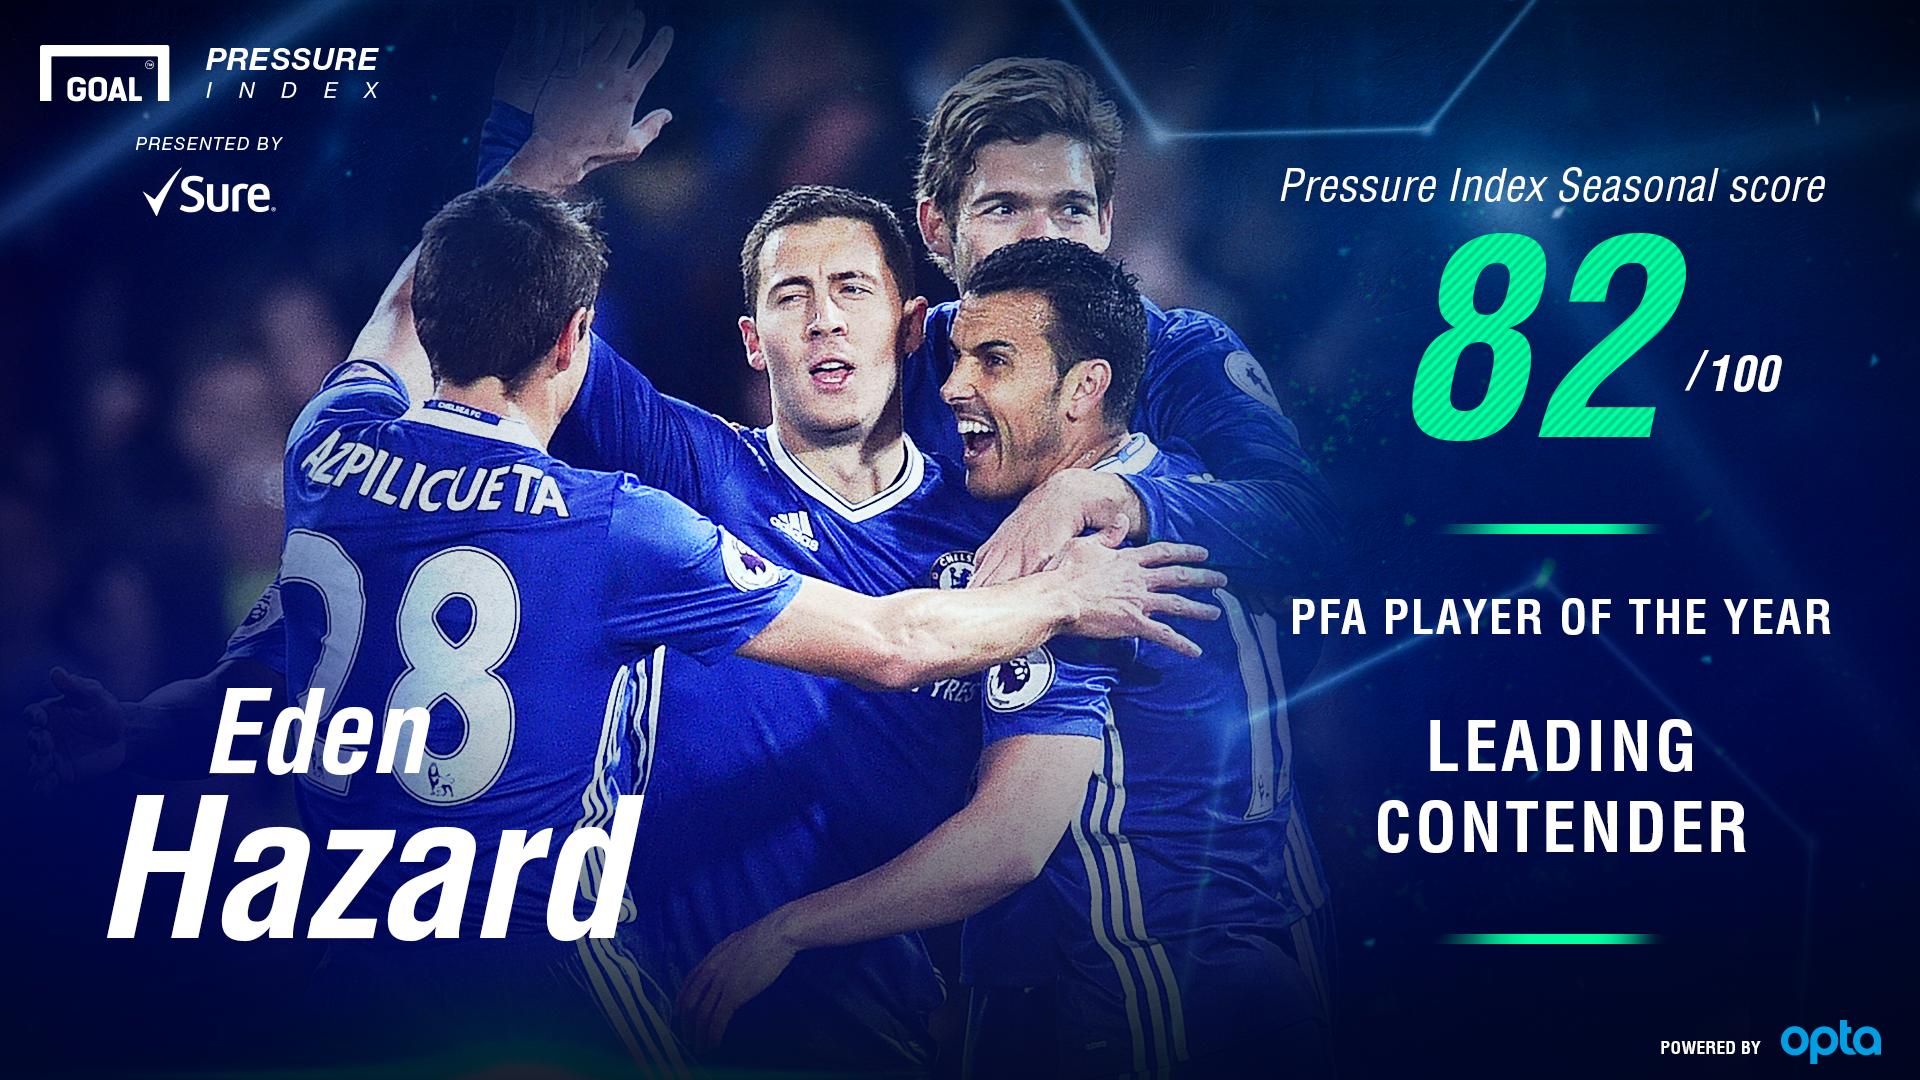 Eden Hazard PFA Player of the Year Pressure Index